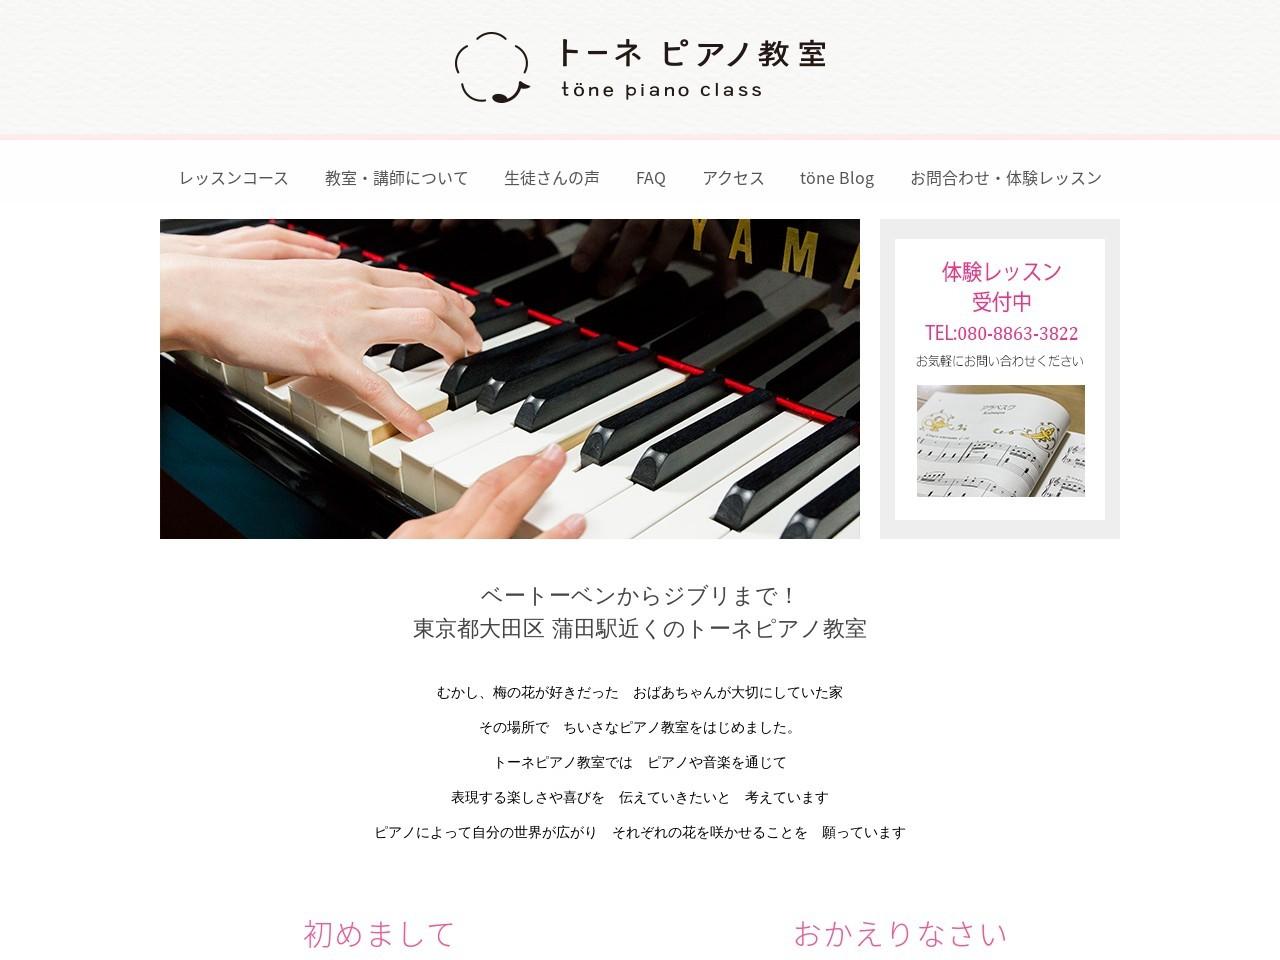 トーネピアノ教室のサムネイル